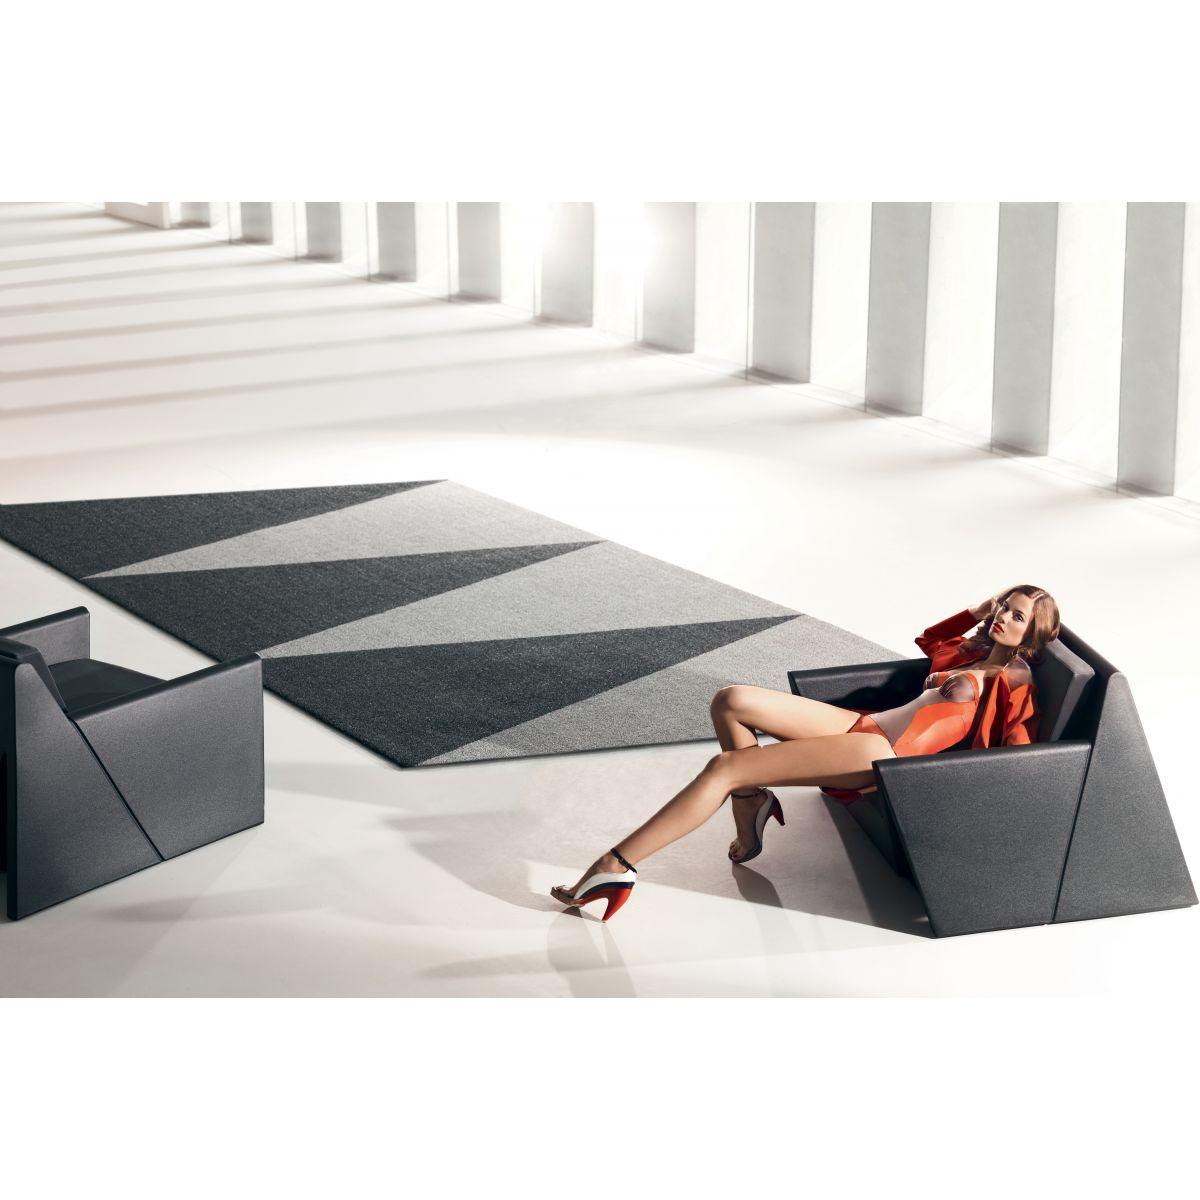 Tapis contemporain design interieur exterieur overlap for Tapis contemporain design